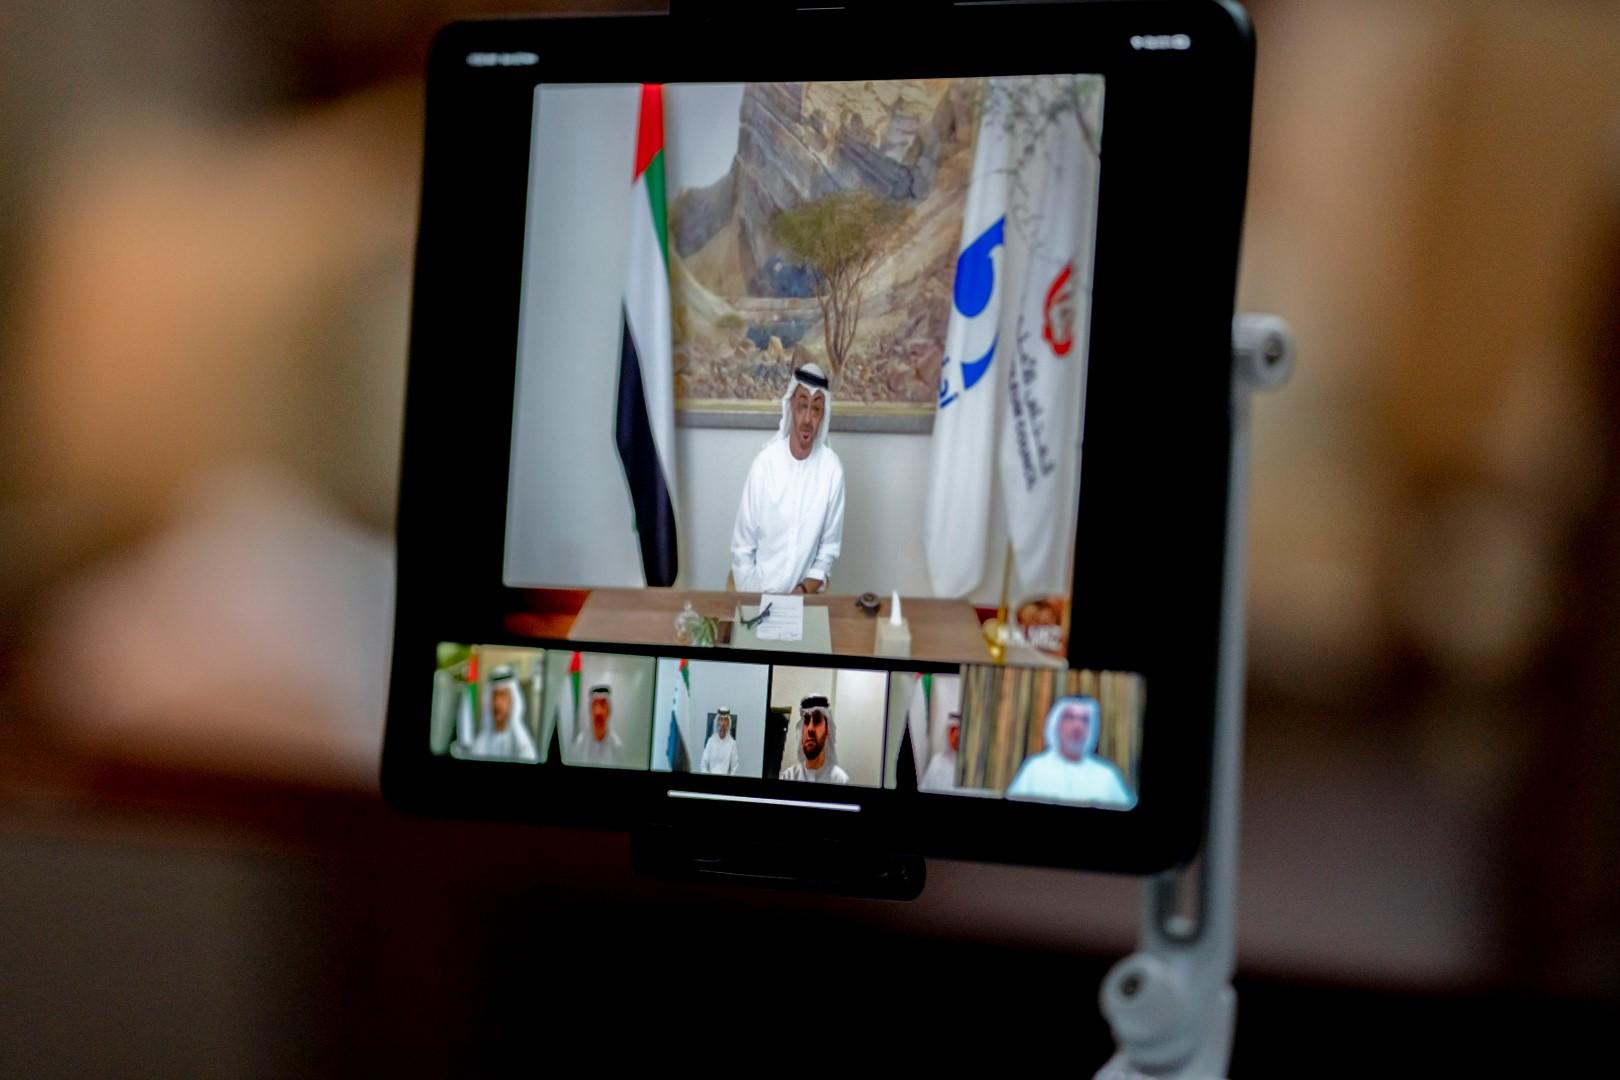 برئاسة محمد بن زايد..المجلس الأعلى للبترول يعلن اكتشاف 2 مليار برميل من النفط الخام التقليدي و22 مليار برميل من موارد النفط غير التقليدية القابلة للاستخلاص